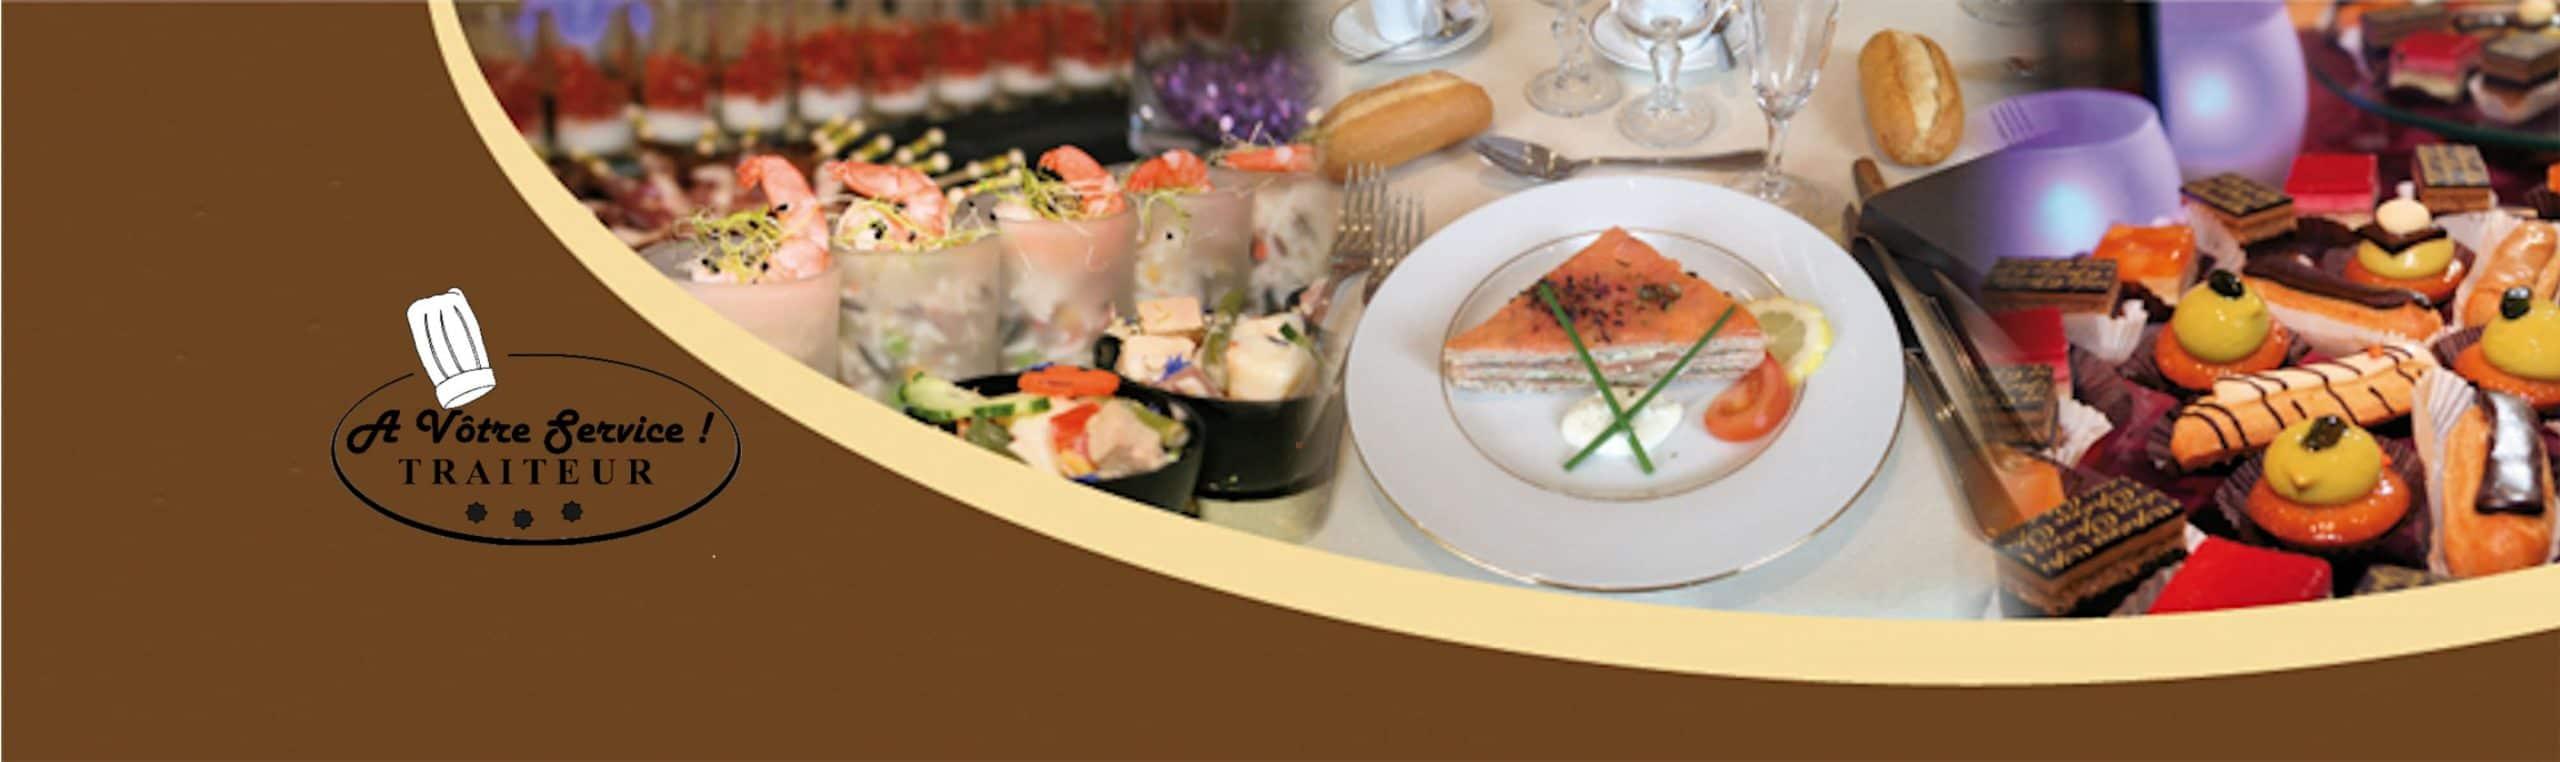 Livraison petit dej Paris : un repas très important